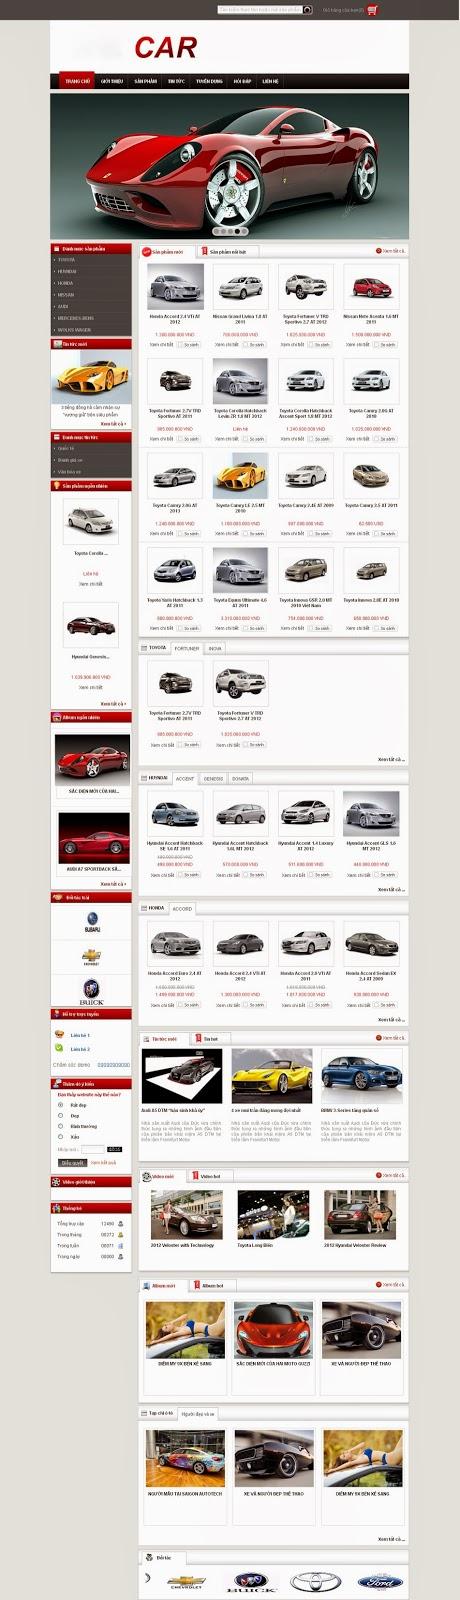 thiết kế website bán ô tô dạng 2